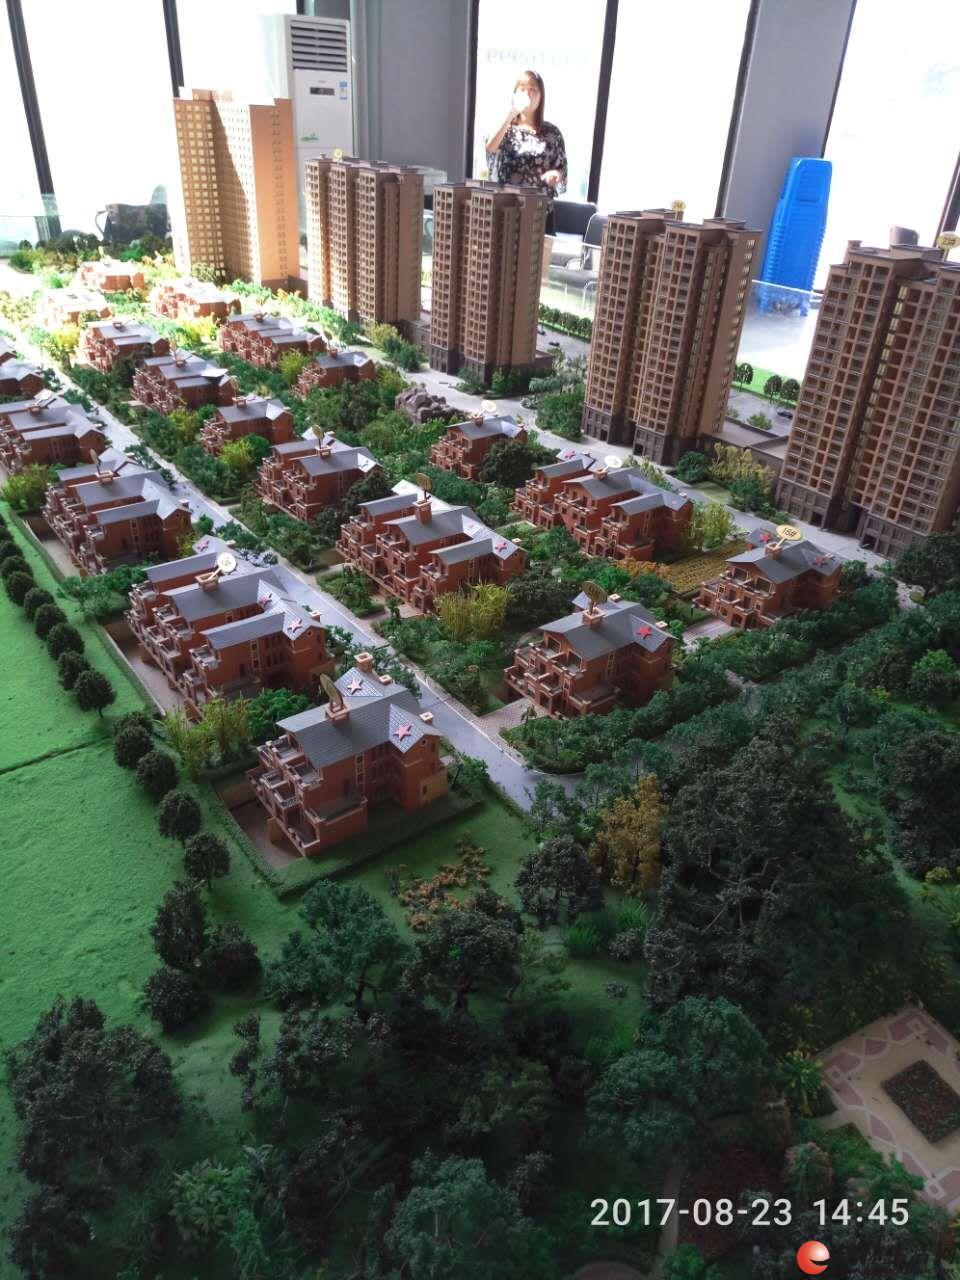 【杭州湾越溪湖畔】坐拥市区不是梦